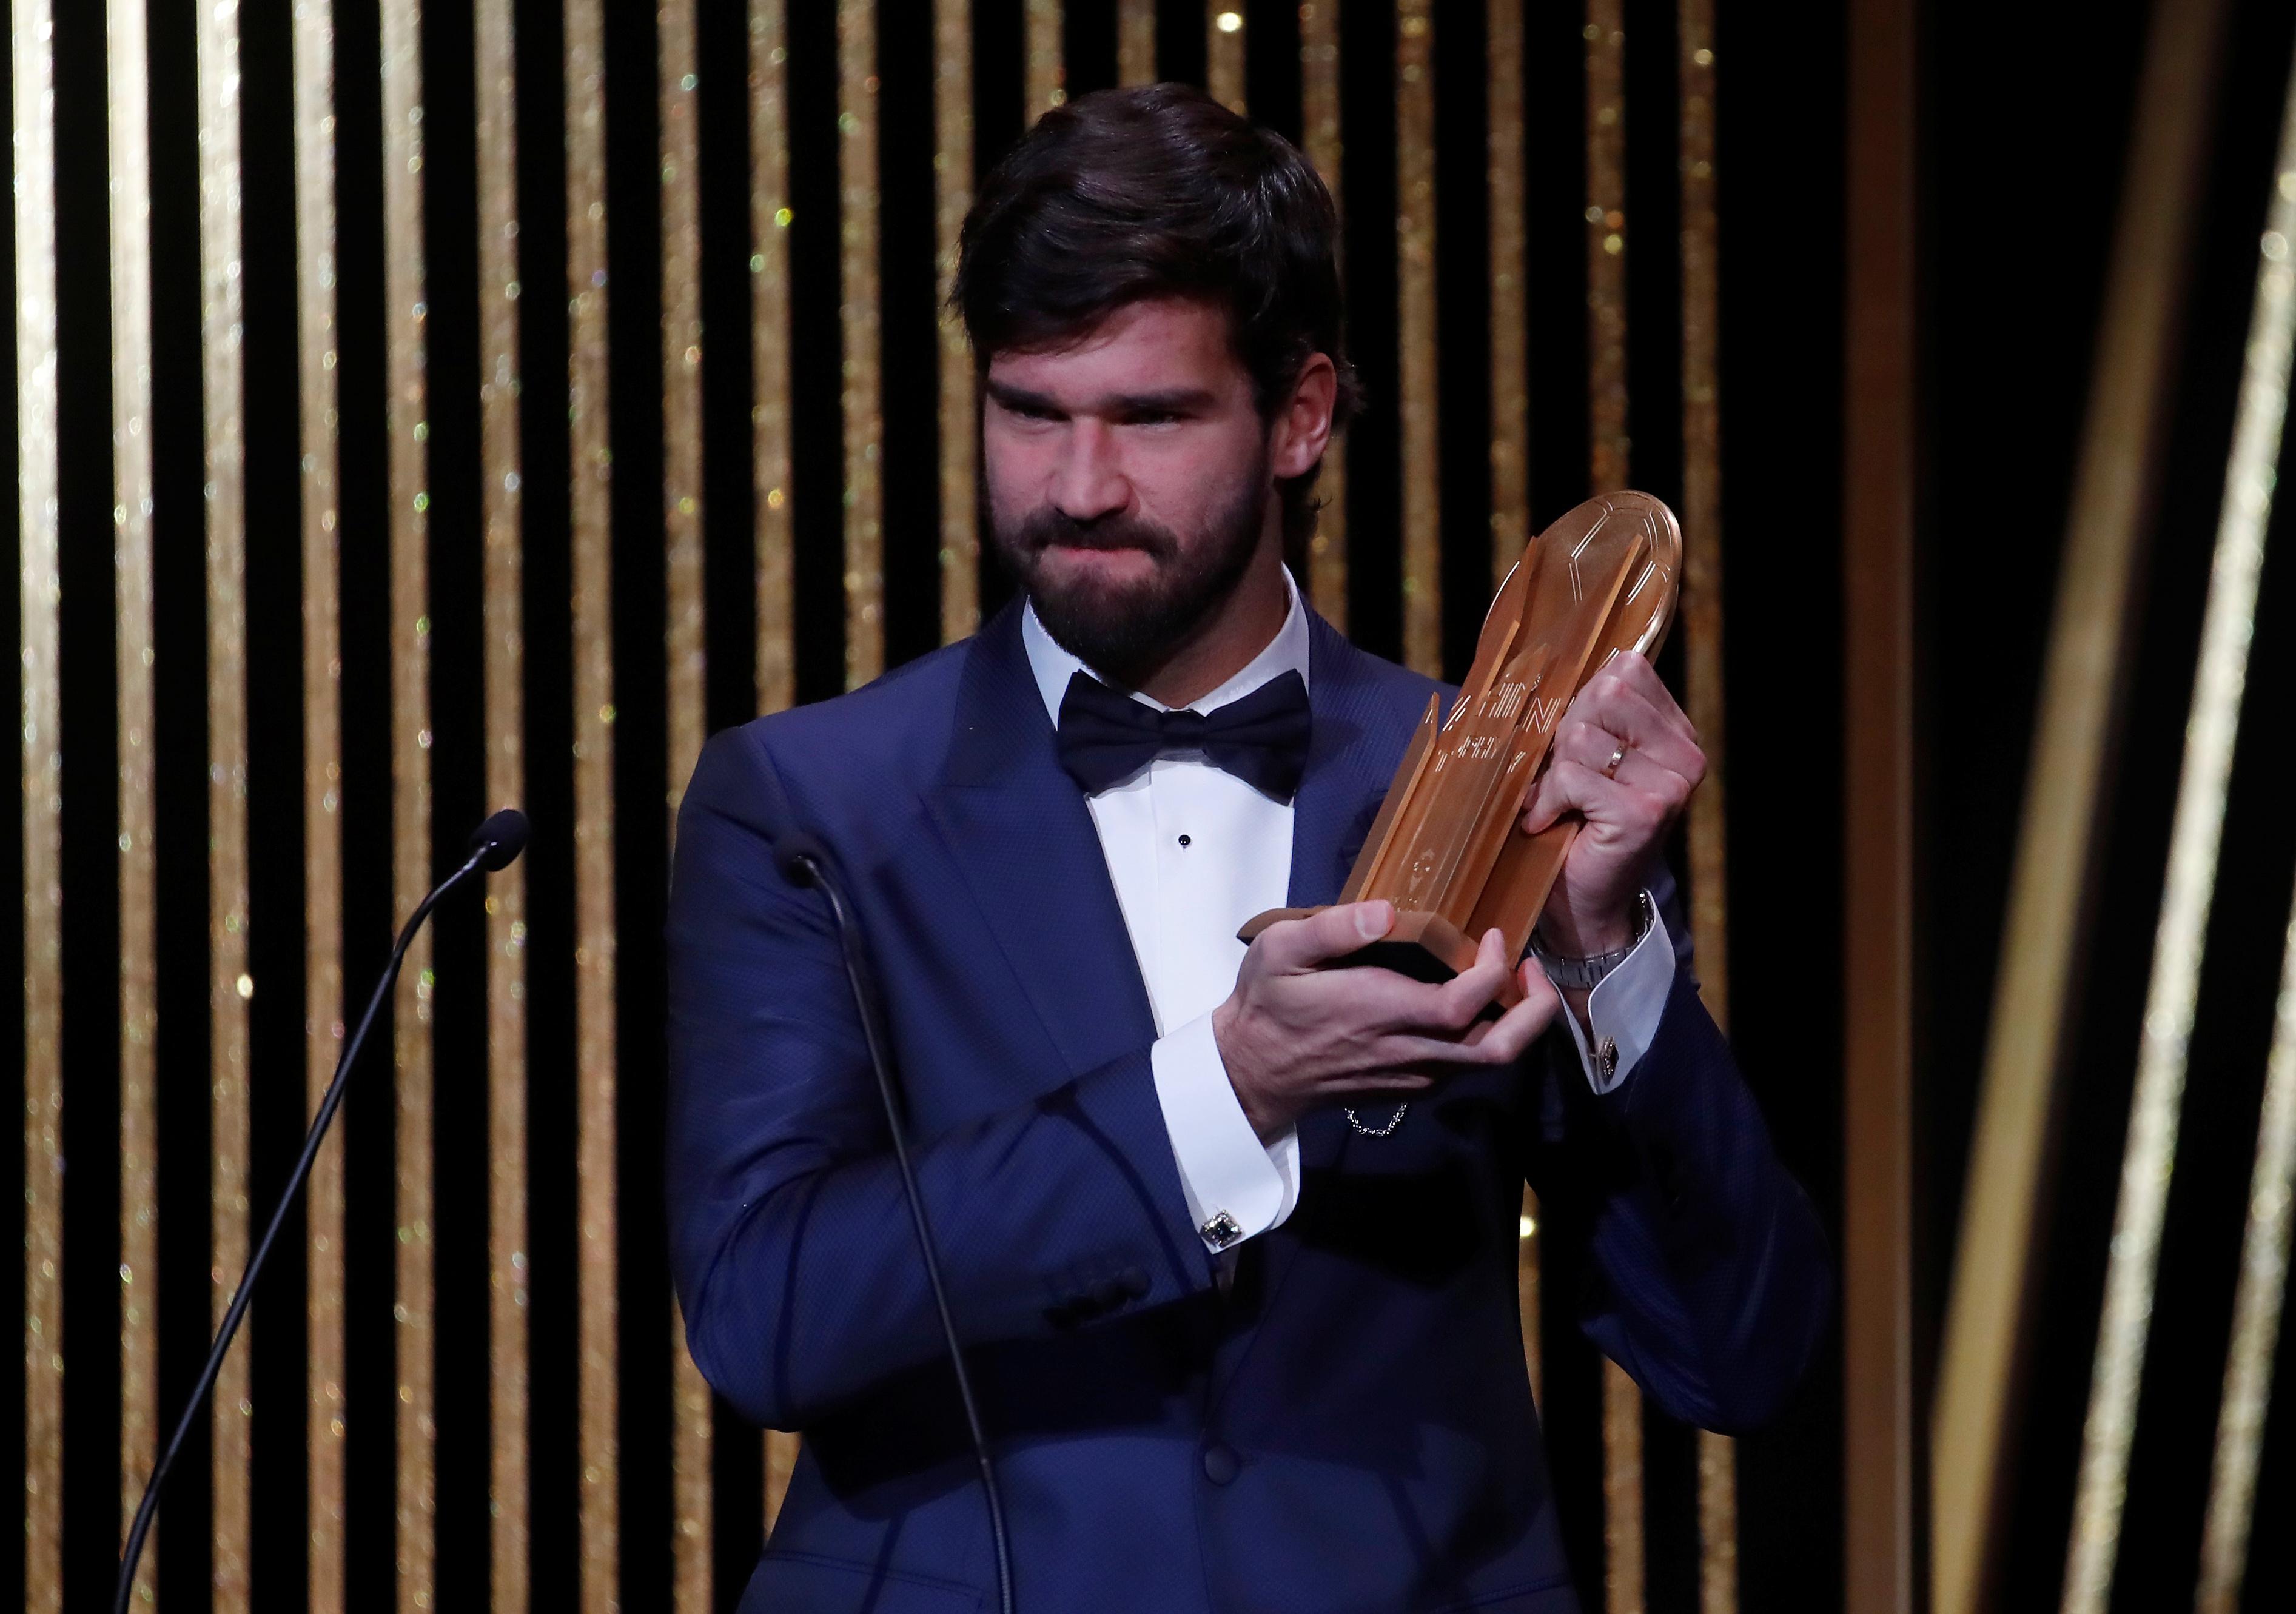 Alisson Becker del Liverpool recibió el Trofeo Yashina a mejor arquero (Reuters/ Christian Hartmann)